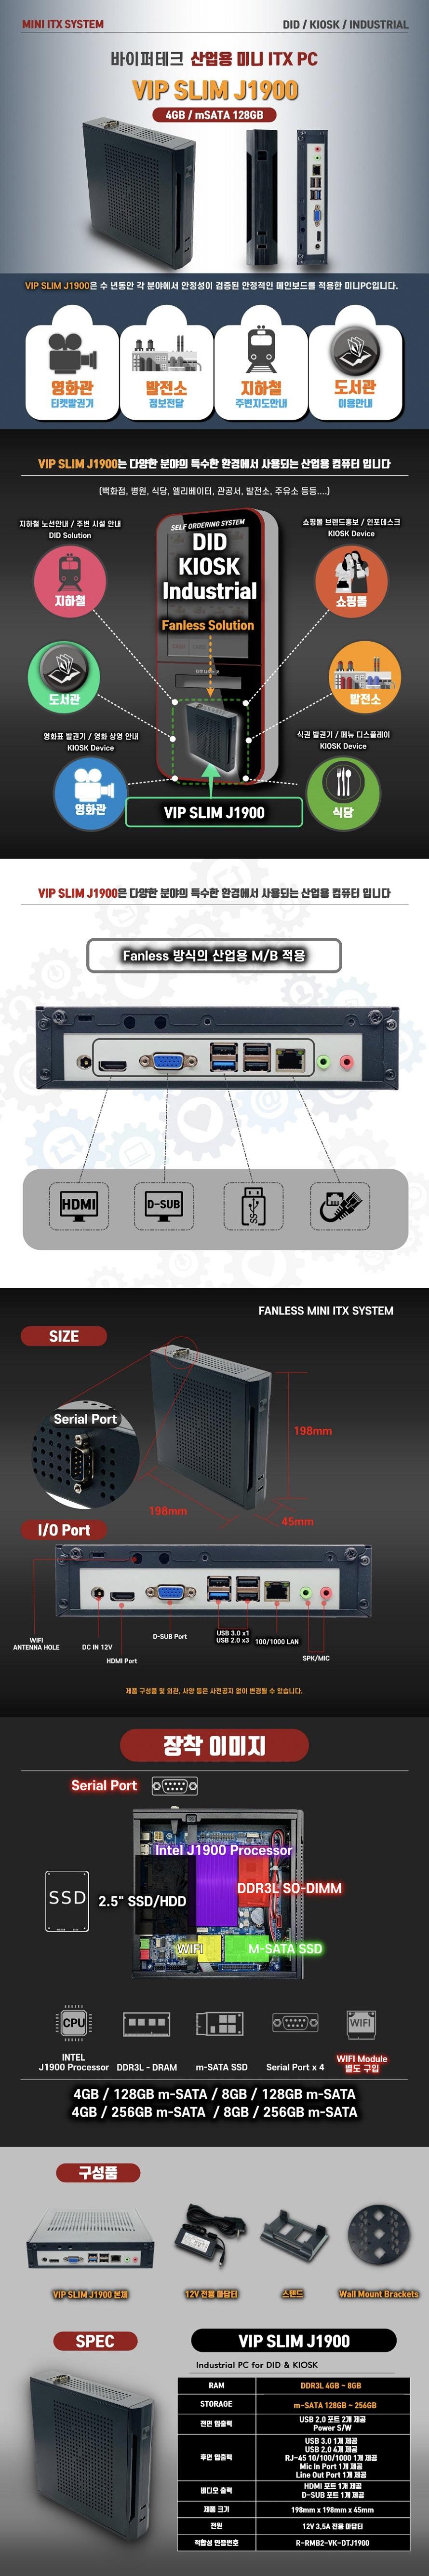 바이퍼테크 VIP SLIM J1900 (4GB, mSATA 128GB)